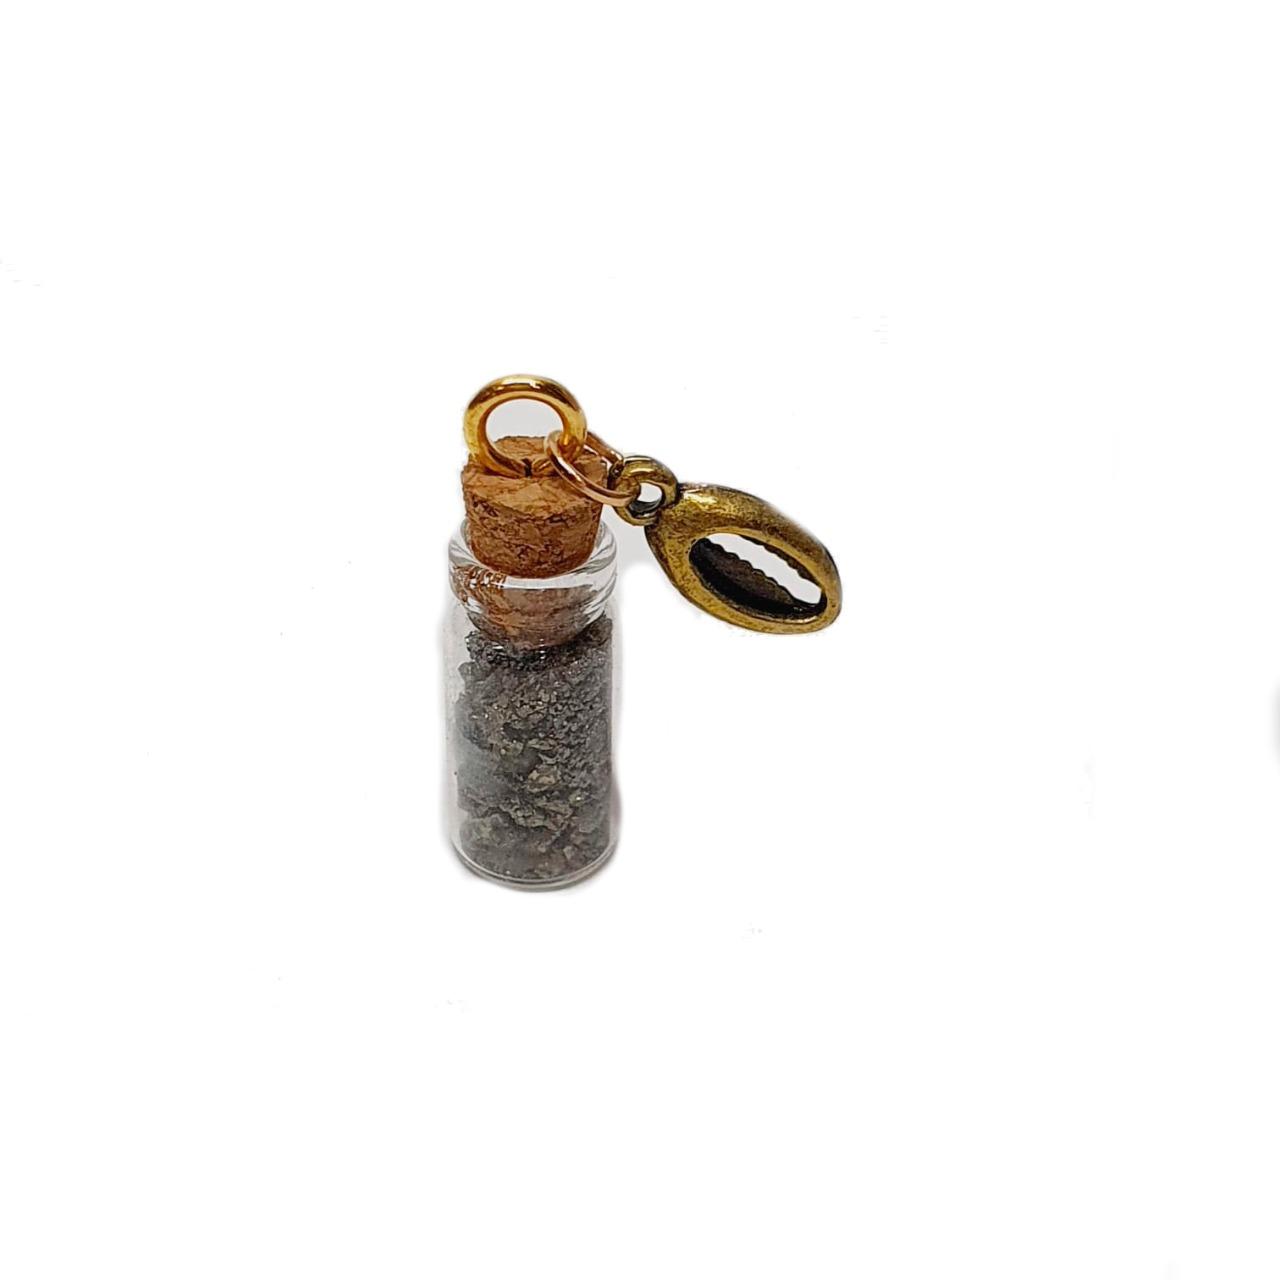 Amuleto de Pedra Natural Pirita